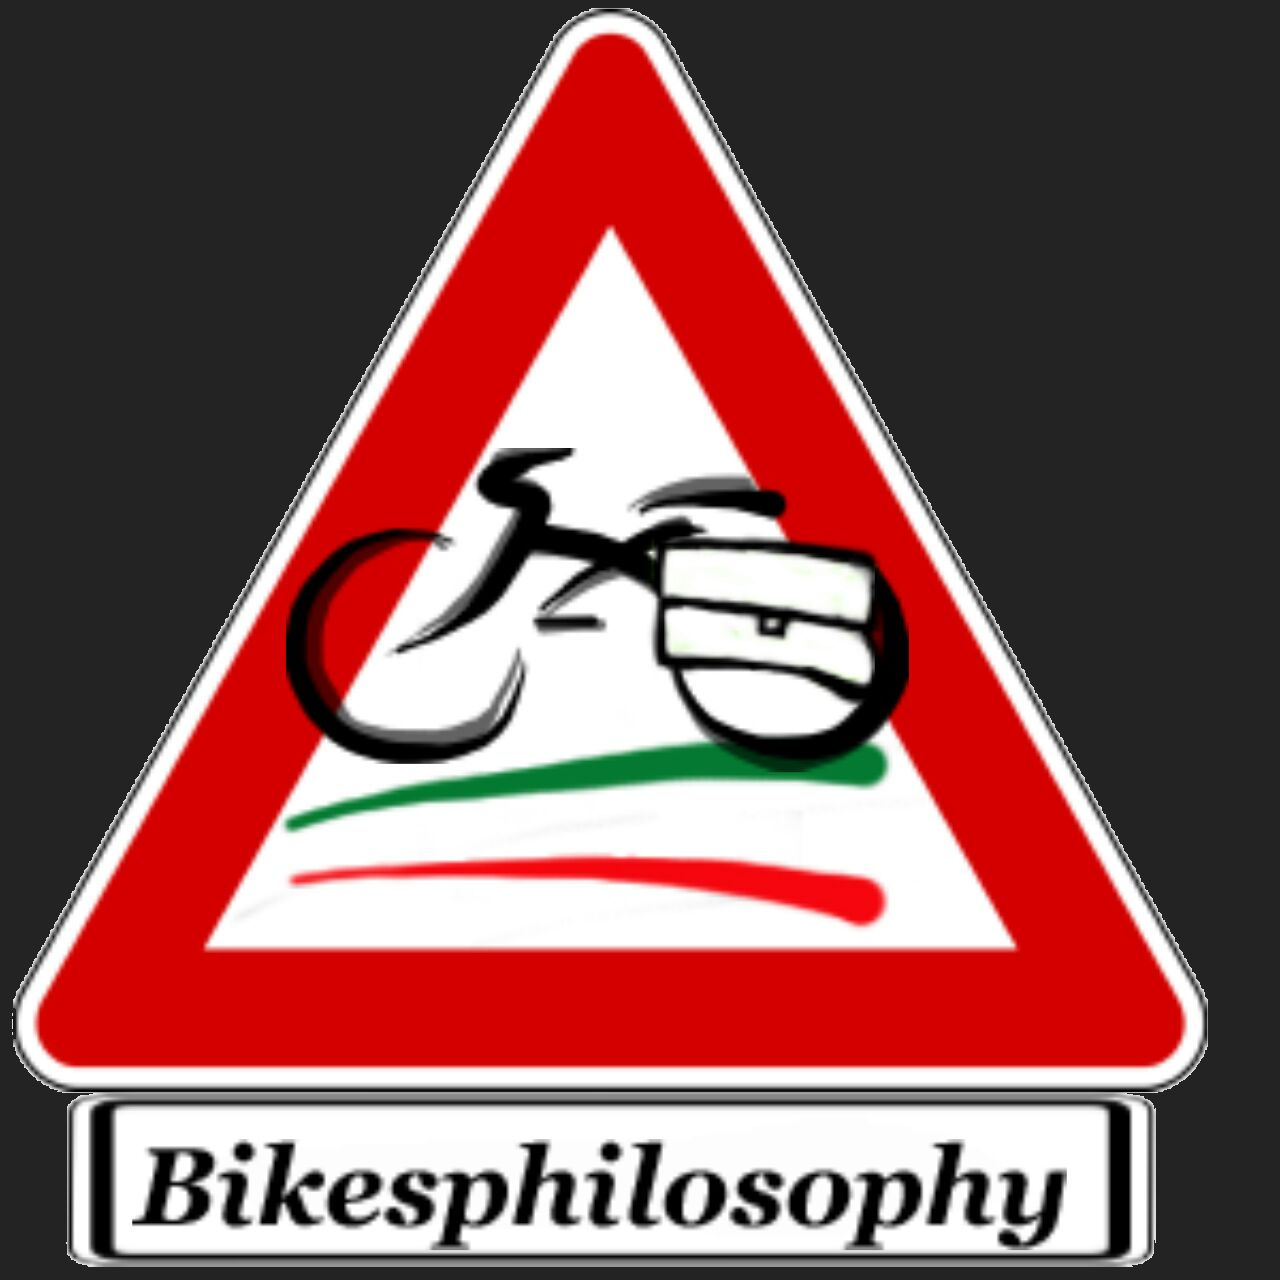 Bikes Philosophy